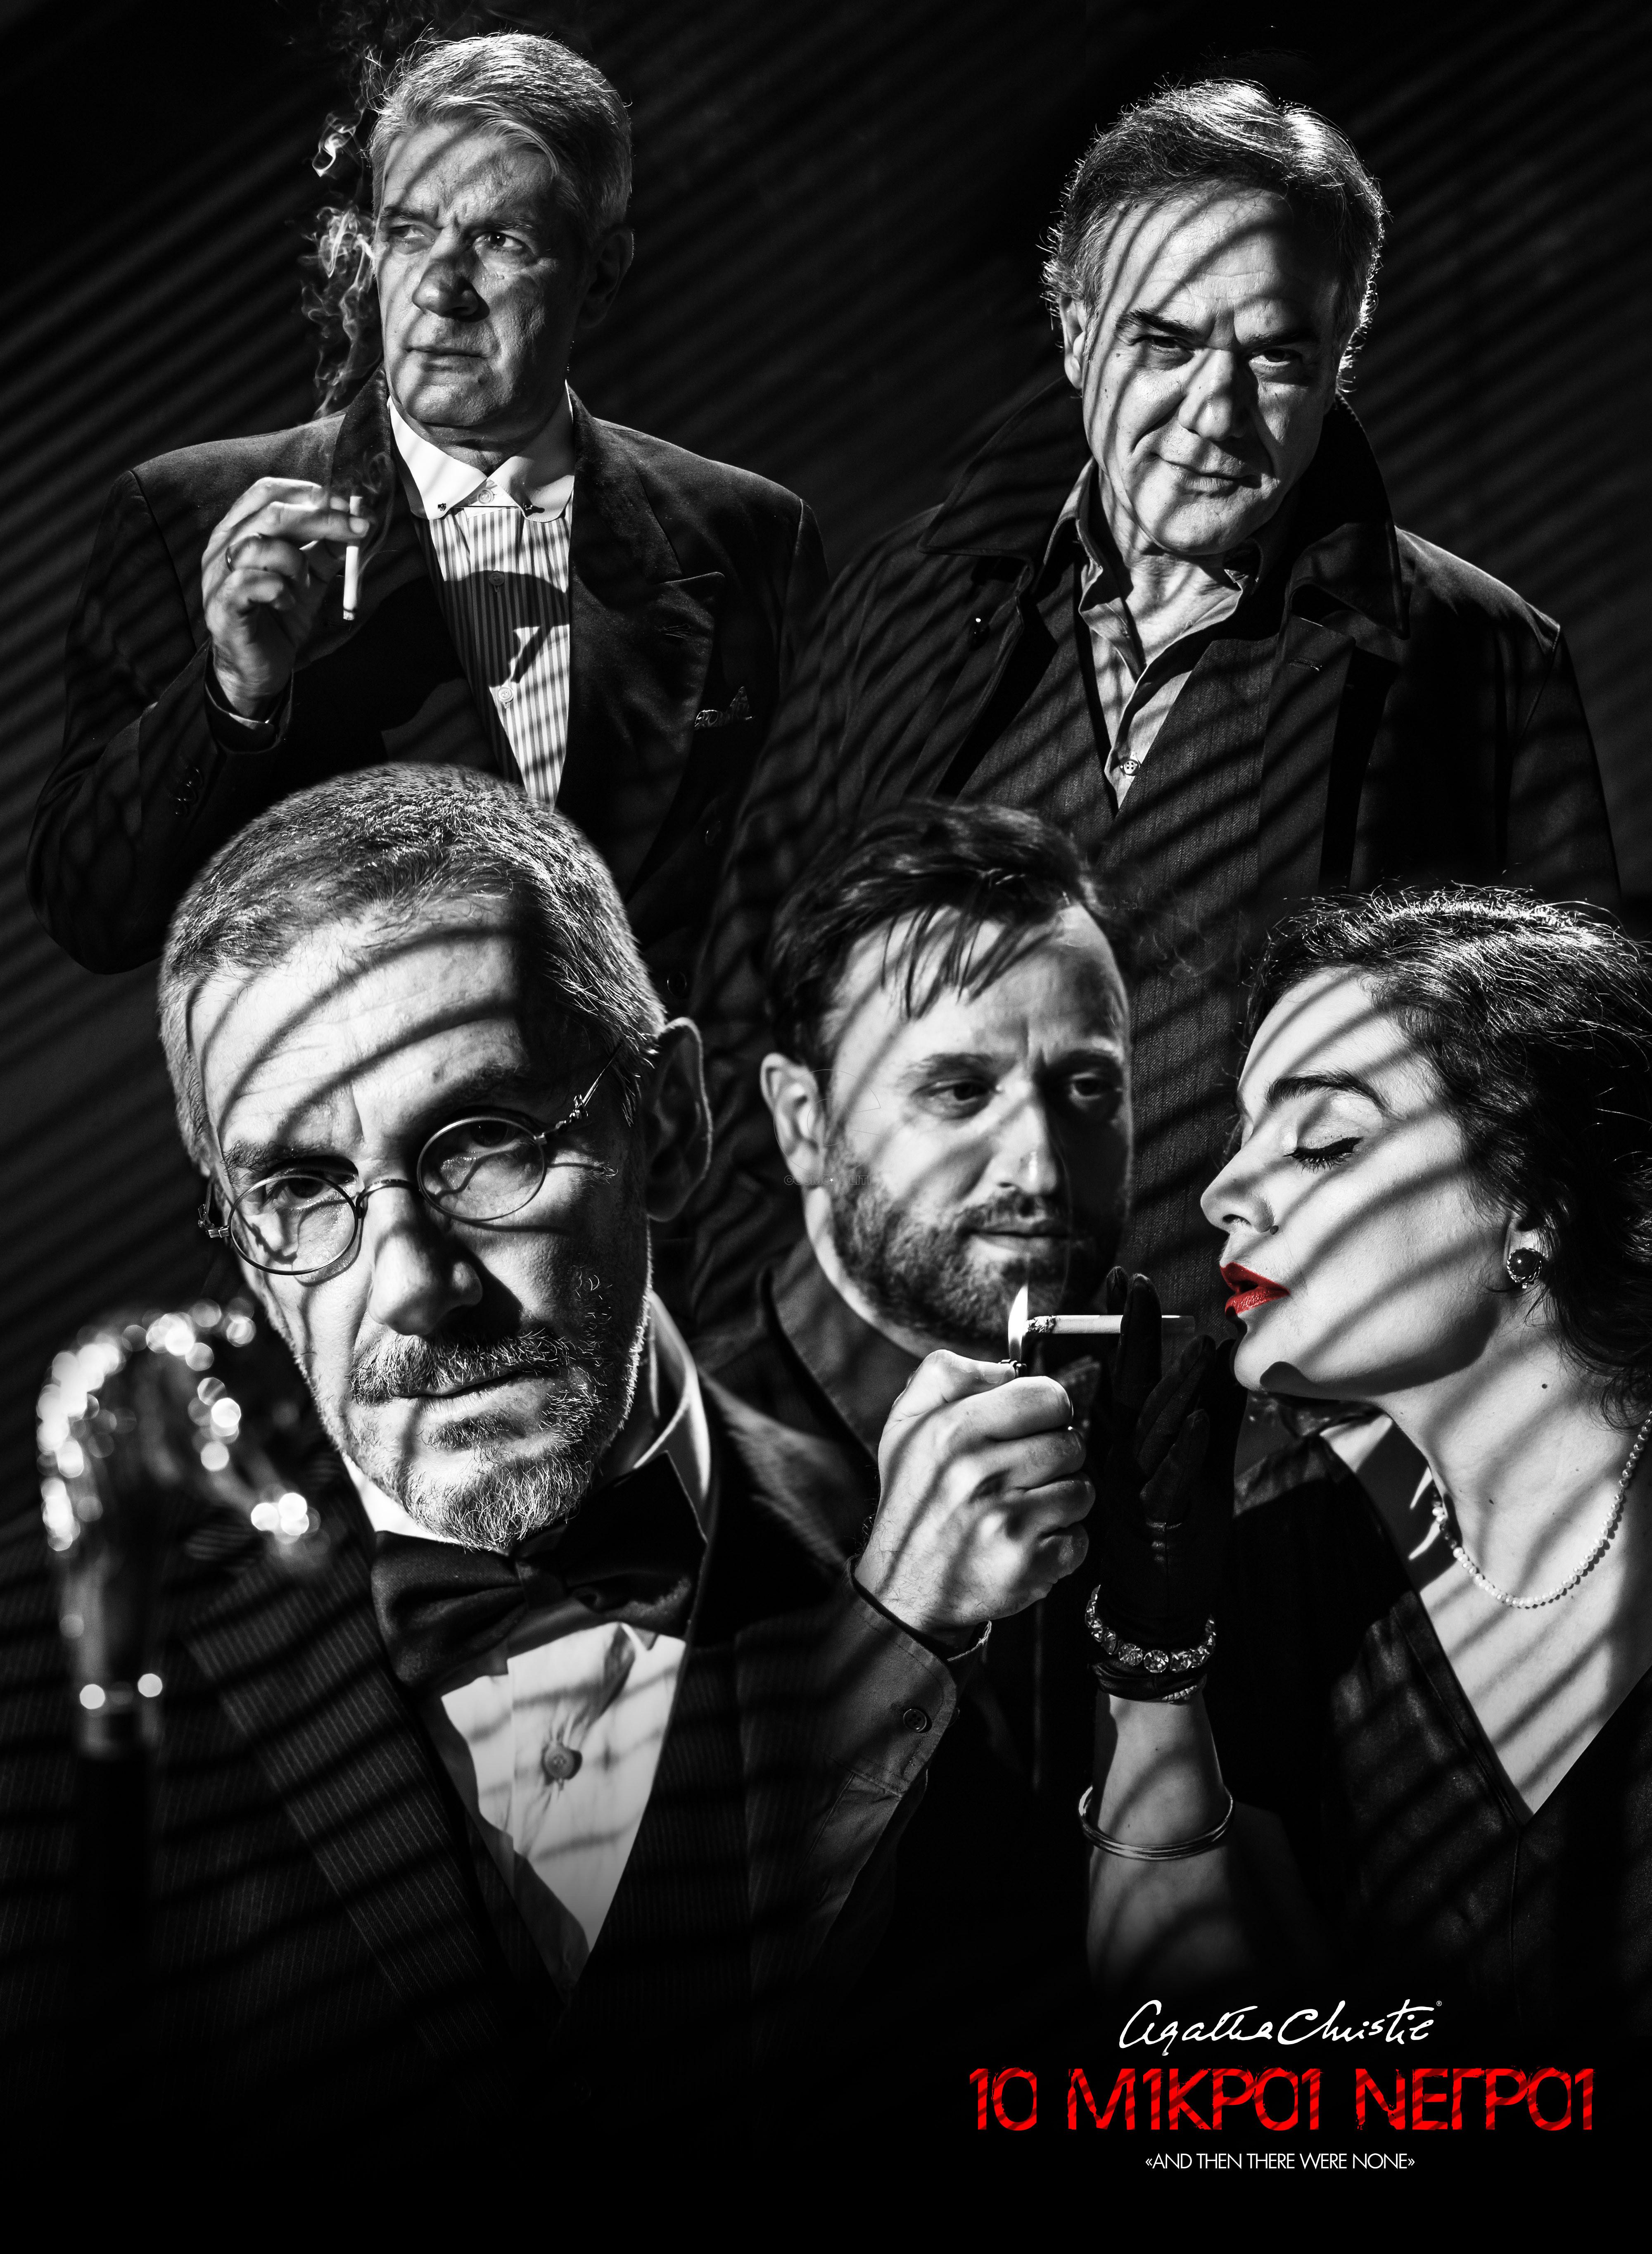 10 Mikroi Negroi Collage 2